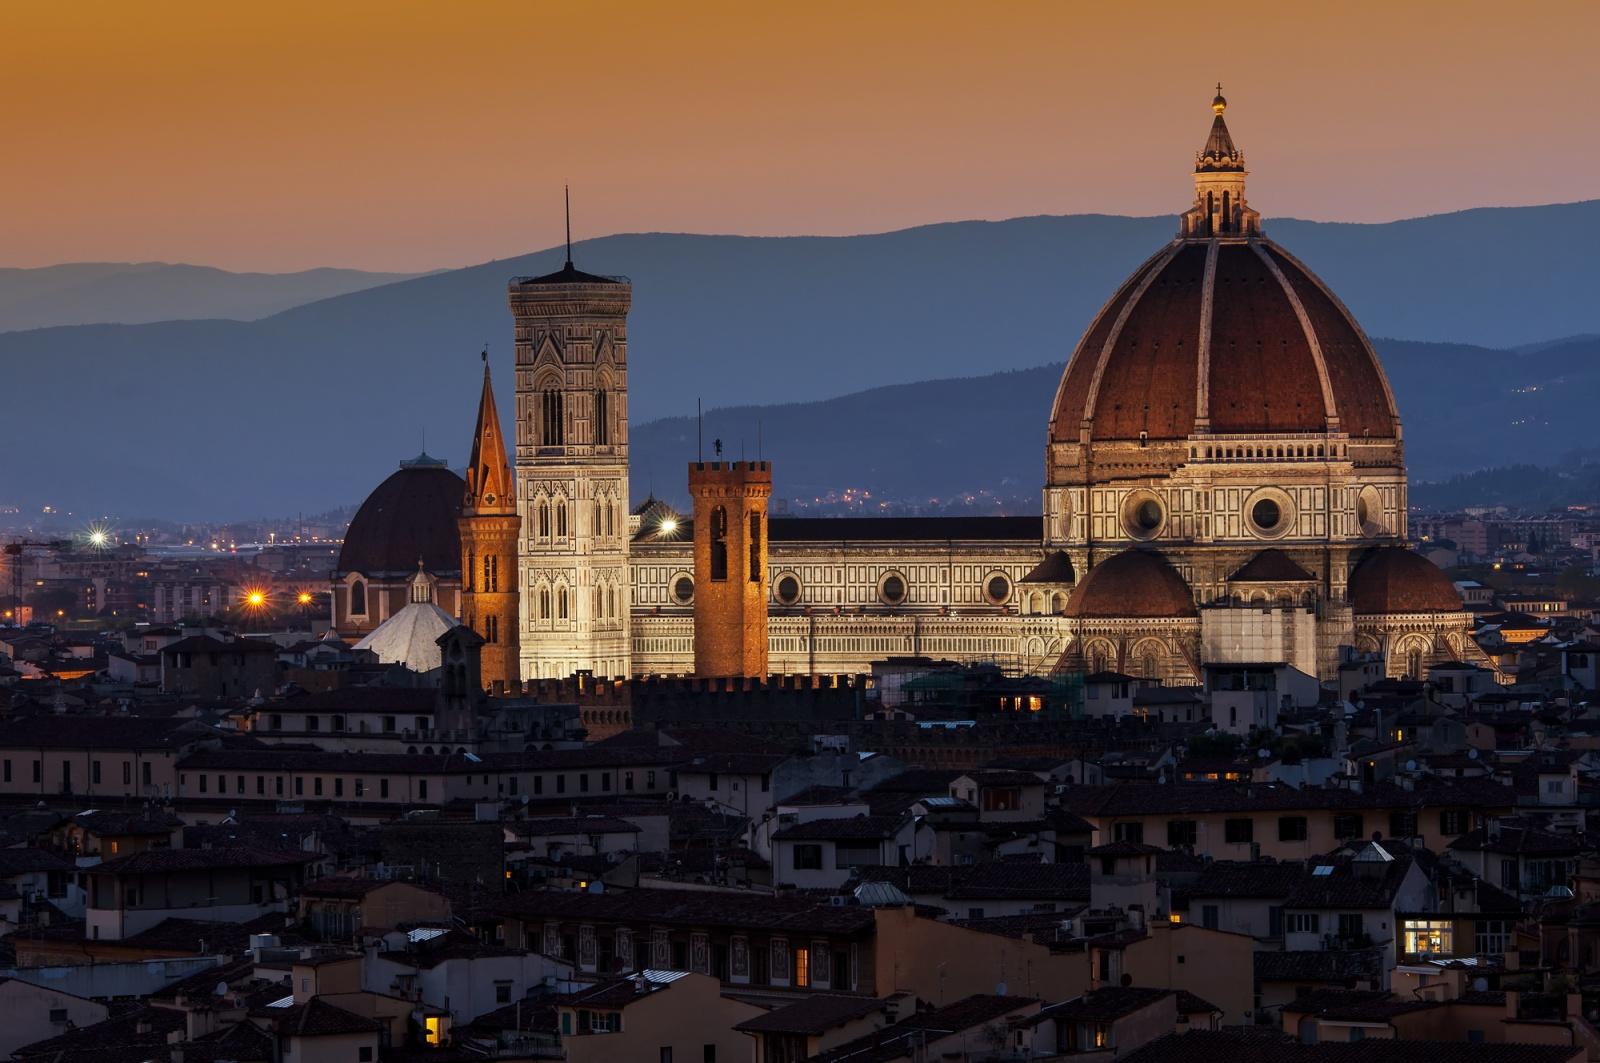 Firenze - Il Duomo